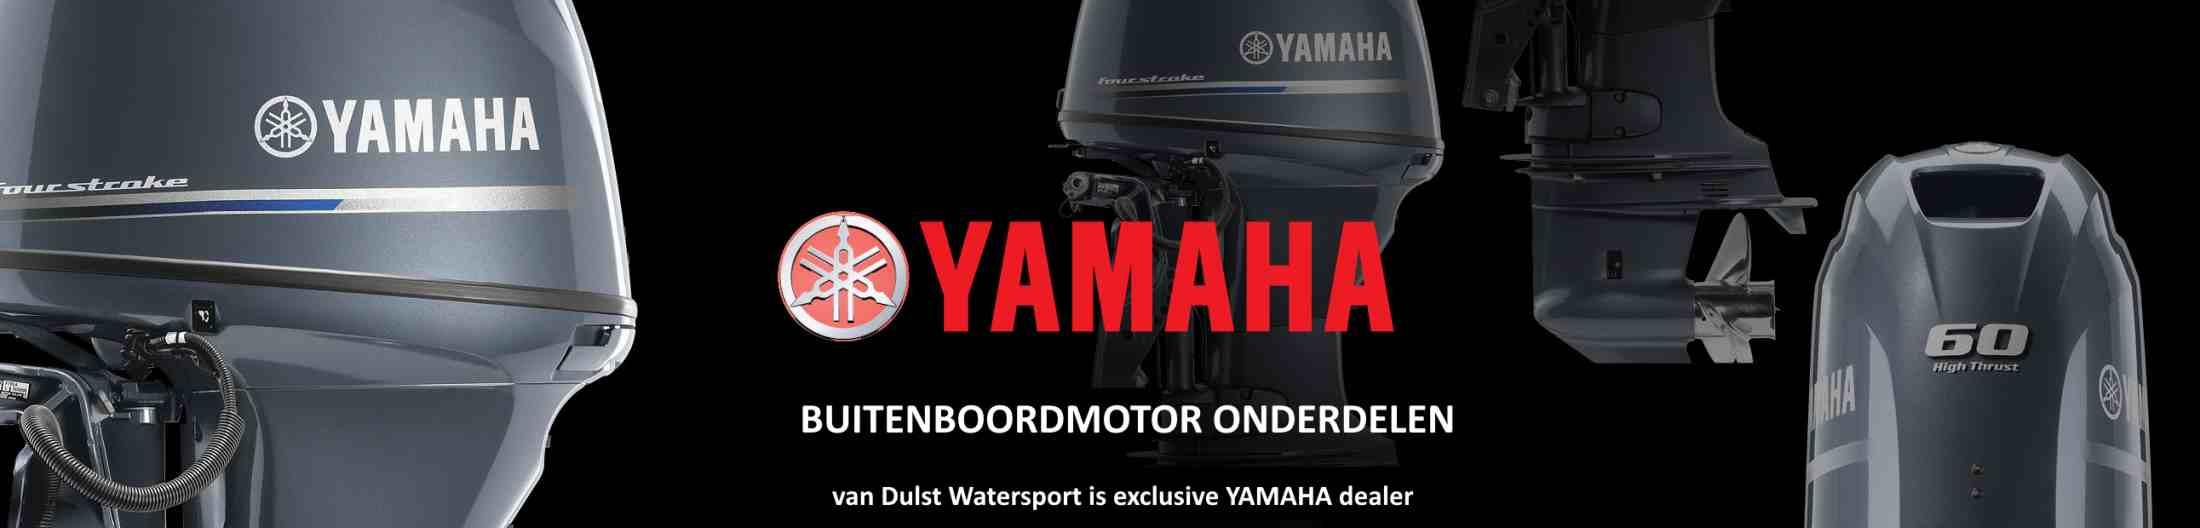 Yamaha buitenboordmotor onderdelen